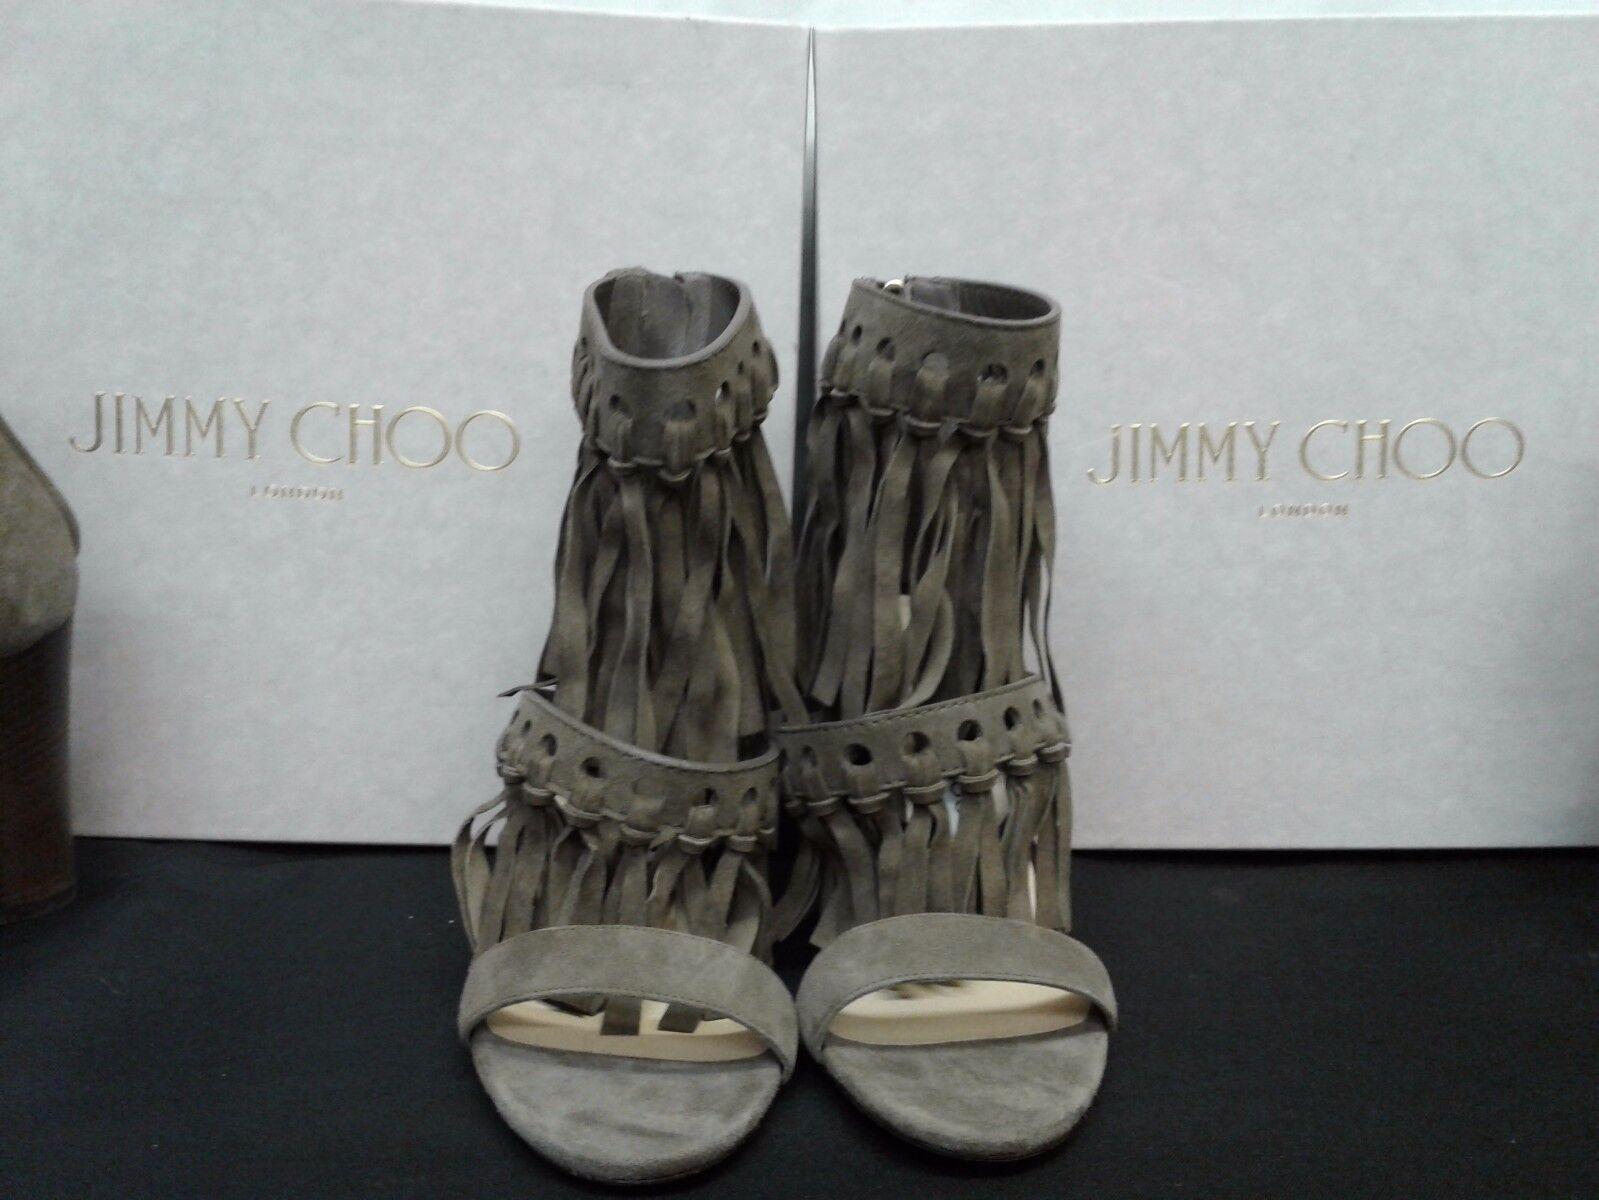 JIMMY CHOO LADIES MALIA/95-SUE/172 MINK SUEDE SANDALS NIB NIB SANDALS b55da7